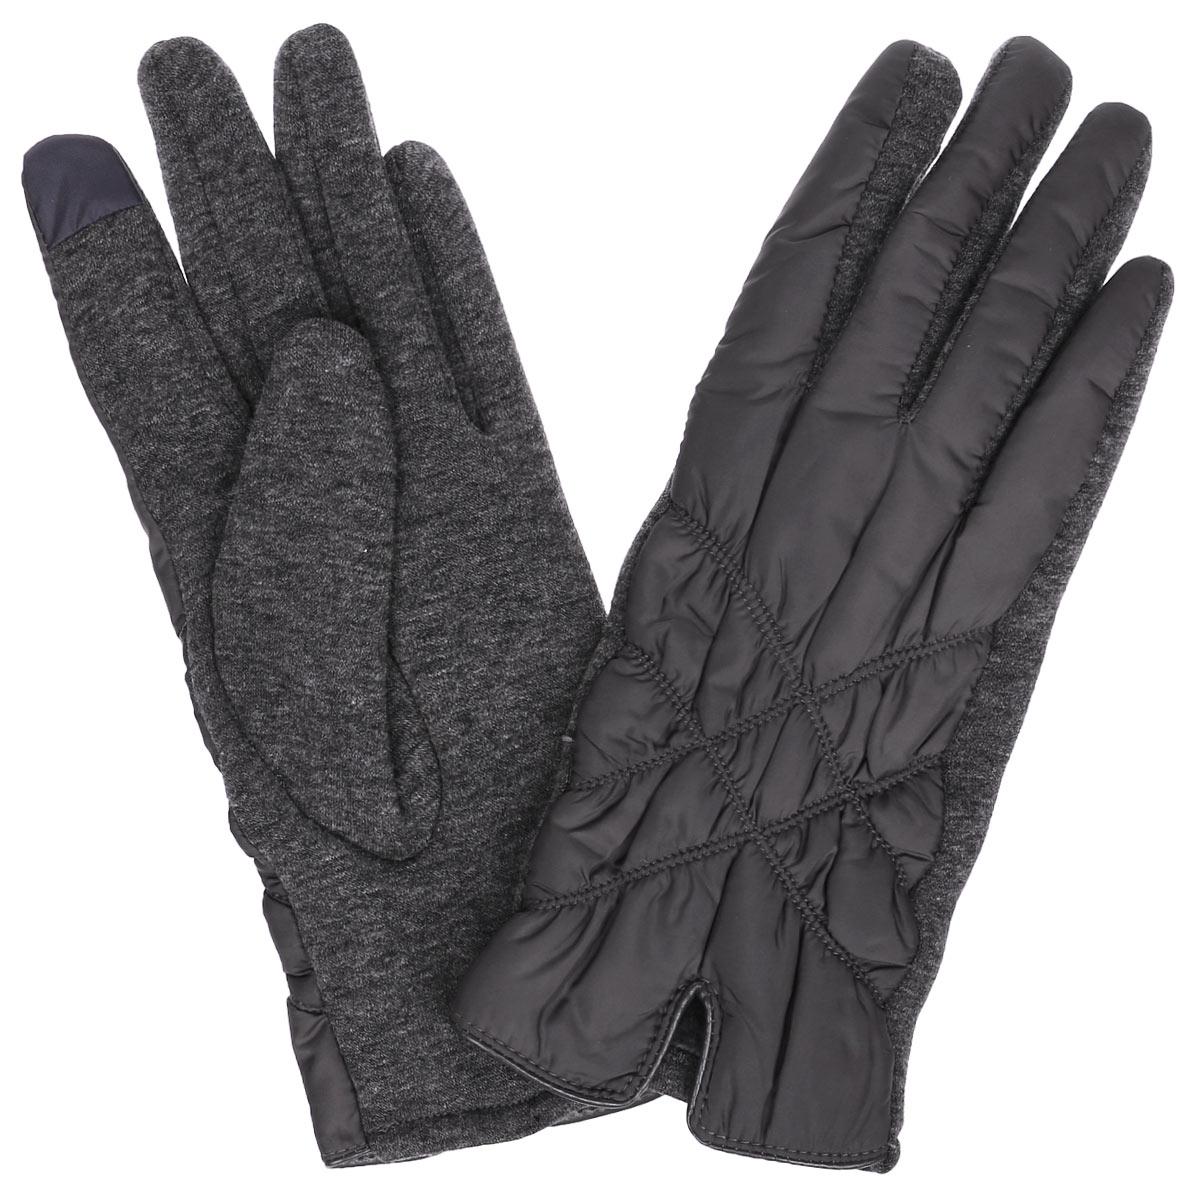 ПерчаткиA16-11305_204Отличные женские перчатки Finn Flare выполнены из высококачественного материала. Внешняя сторона из болоньевого материала оформлена декоративной прострочкой и небольшим разрезом. Ладонная сторона - из эластичного текстиля. Внутри - необыкновенно мягкий ворс. Такие перчатки обеспечат вам тепло и комфорт.